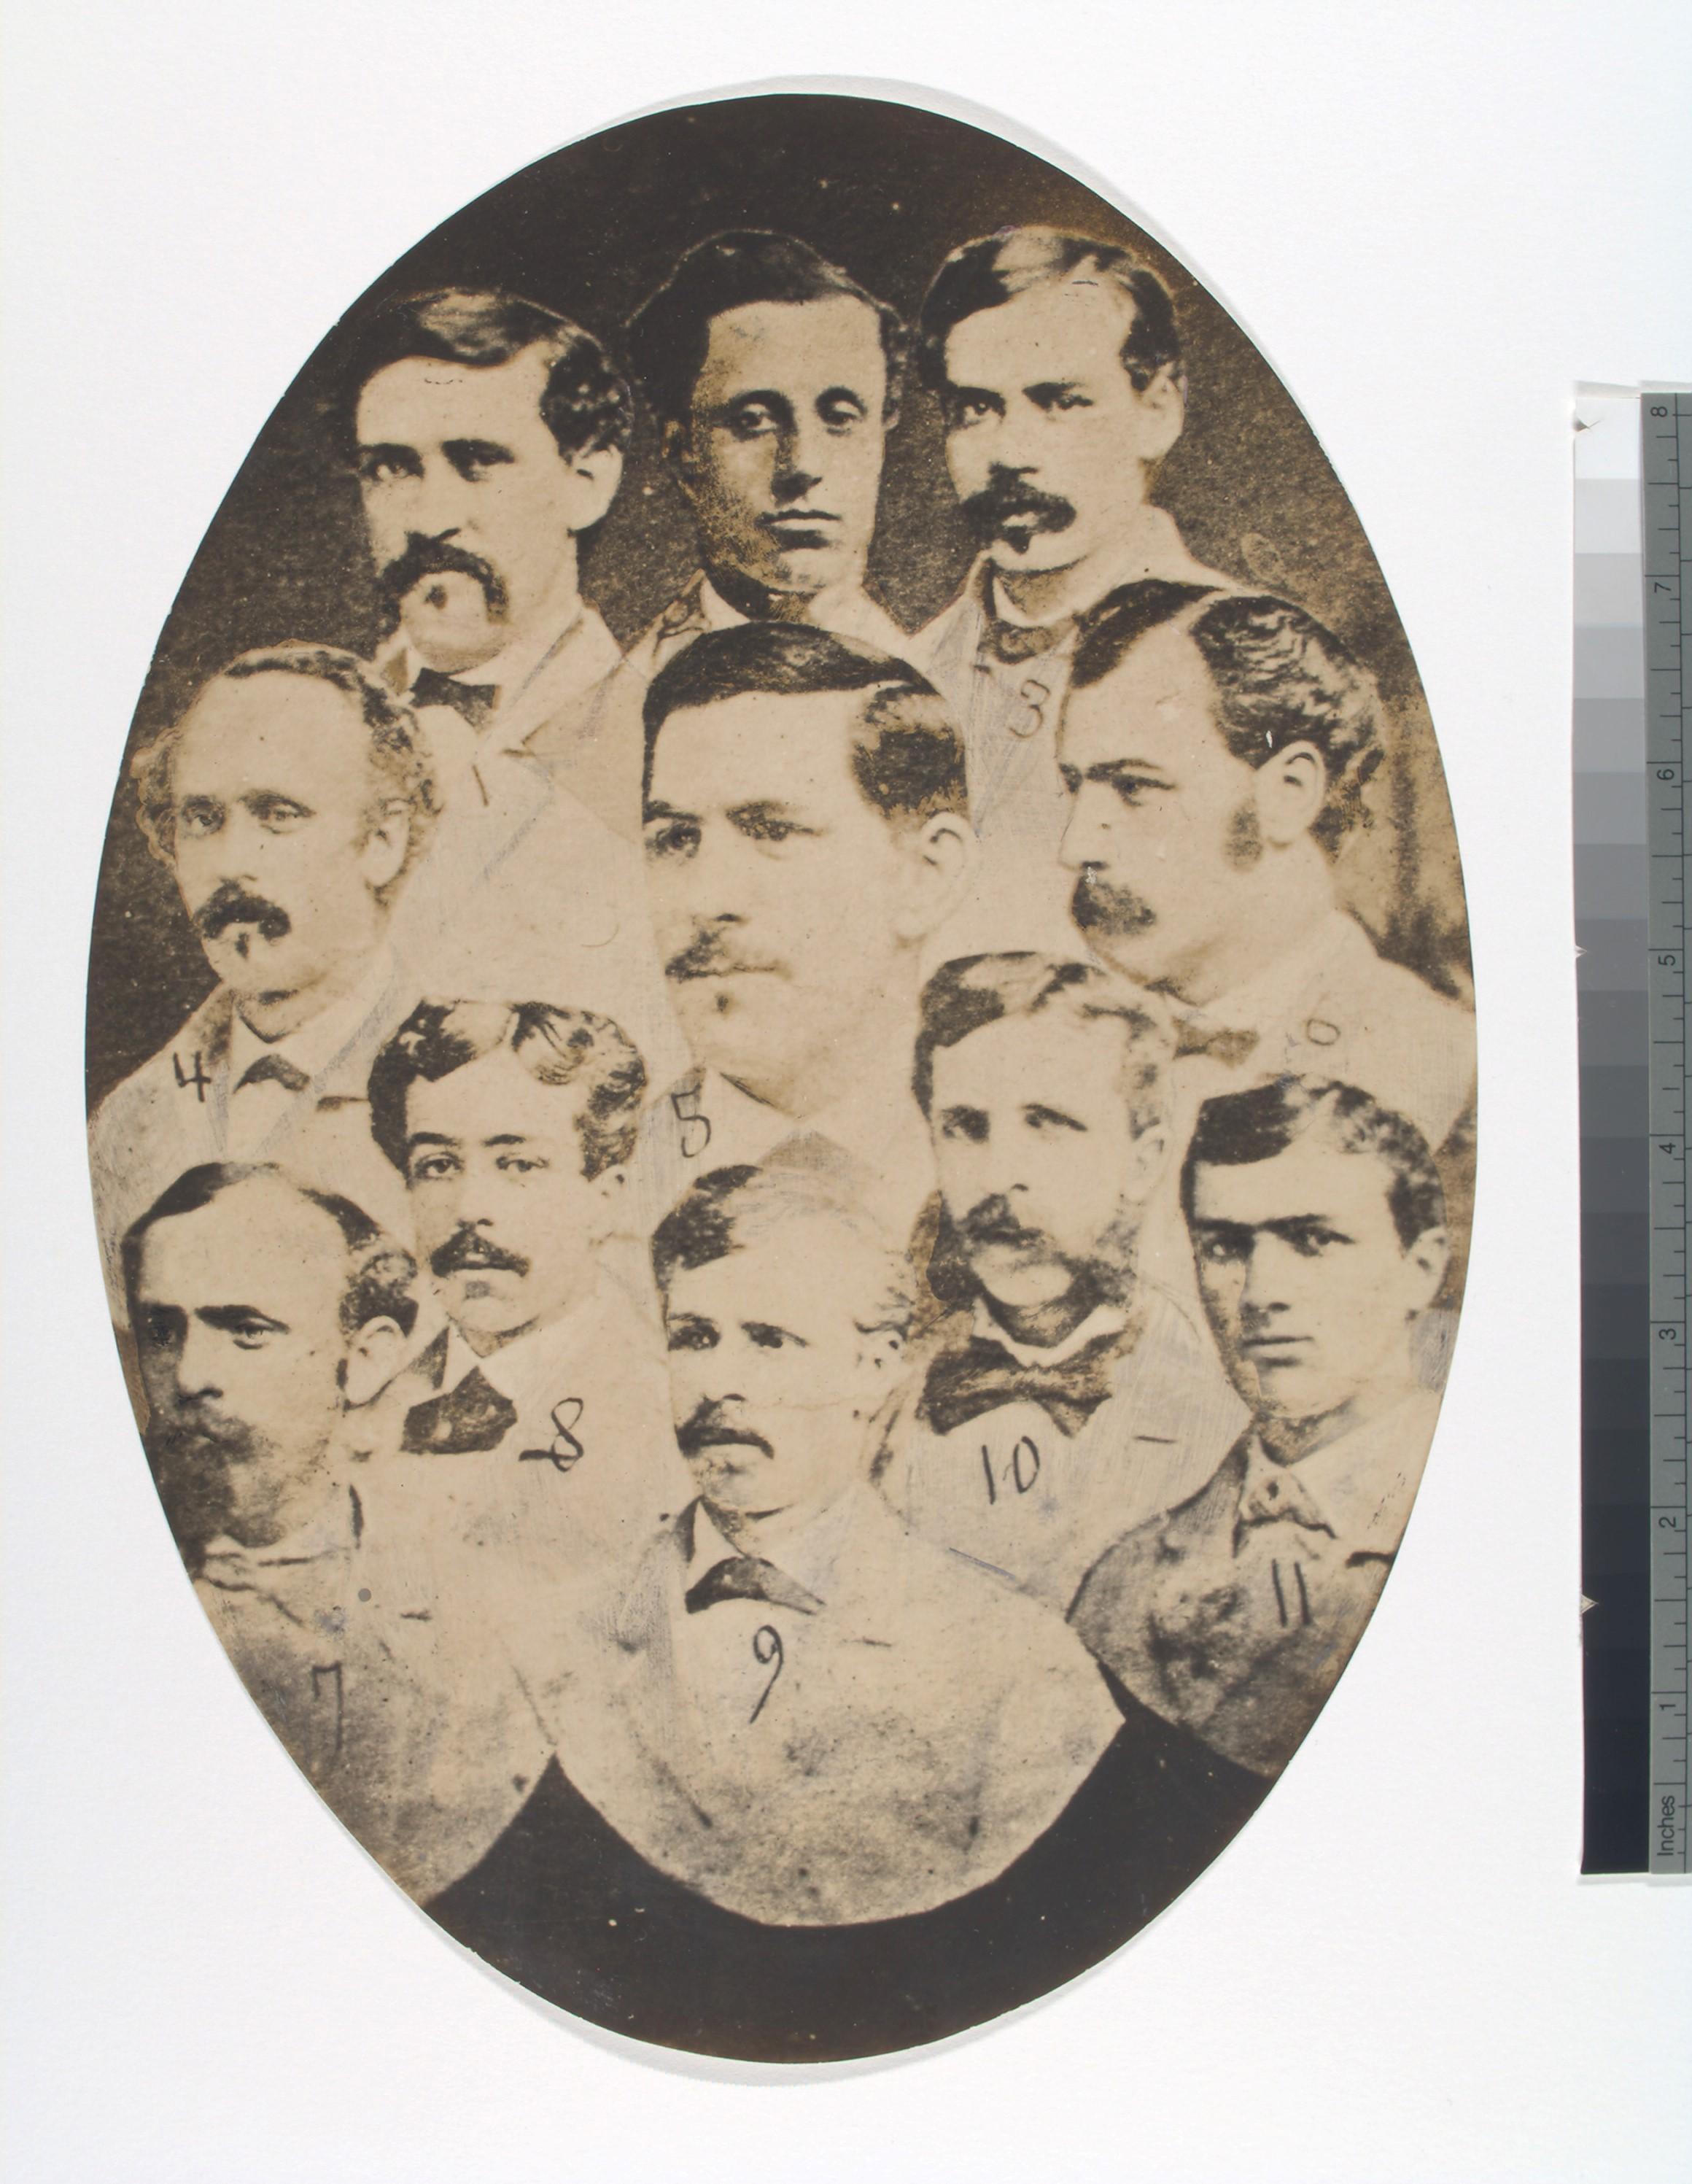 Olympics of Washington - Berthrong at top right